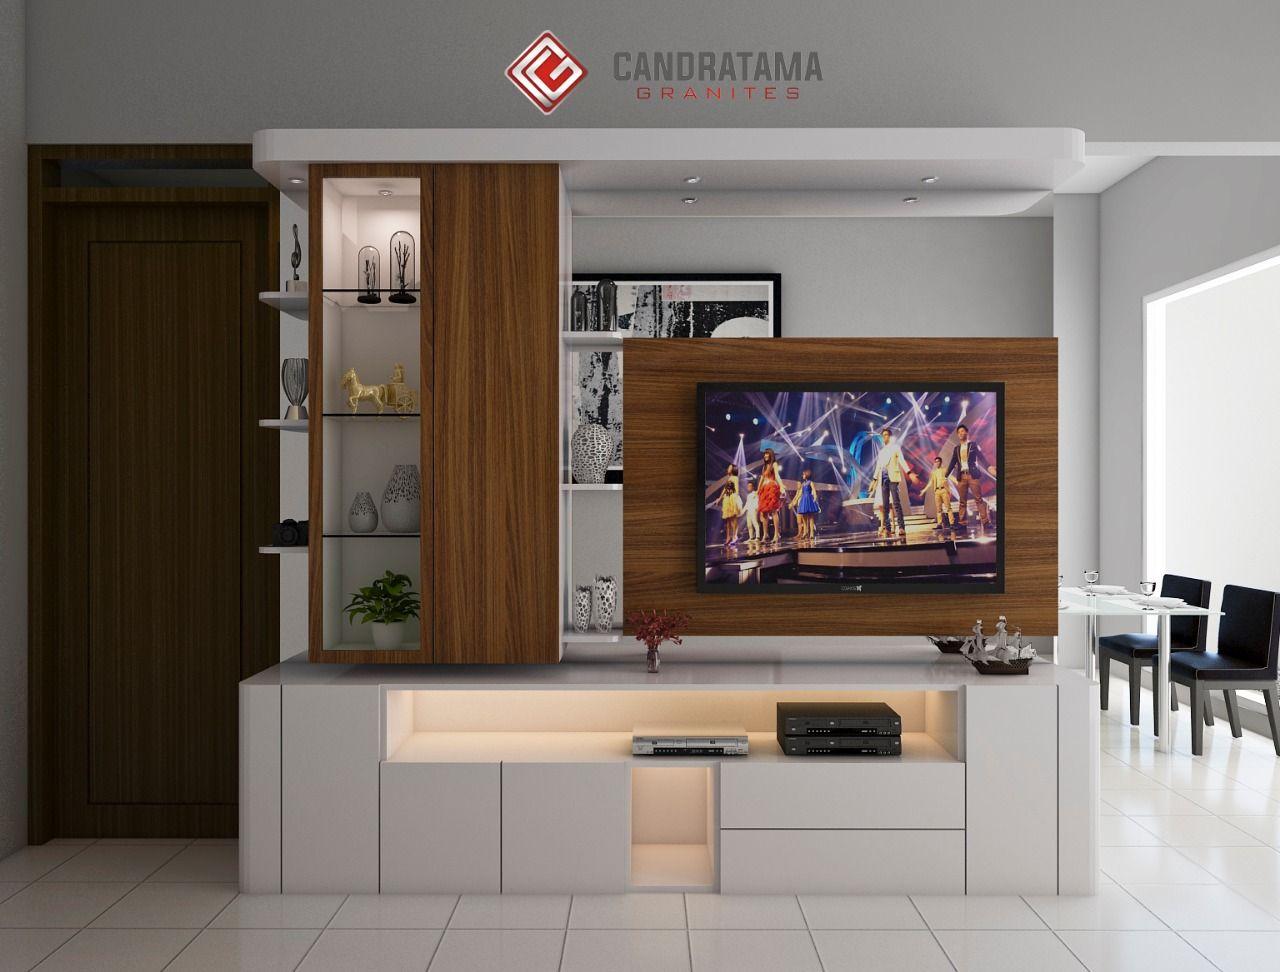 Pin Oleh Candratama Granites Di Desain Rak Tv 08113371733 Di 2020